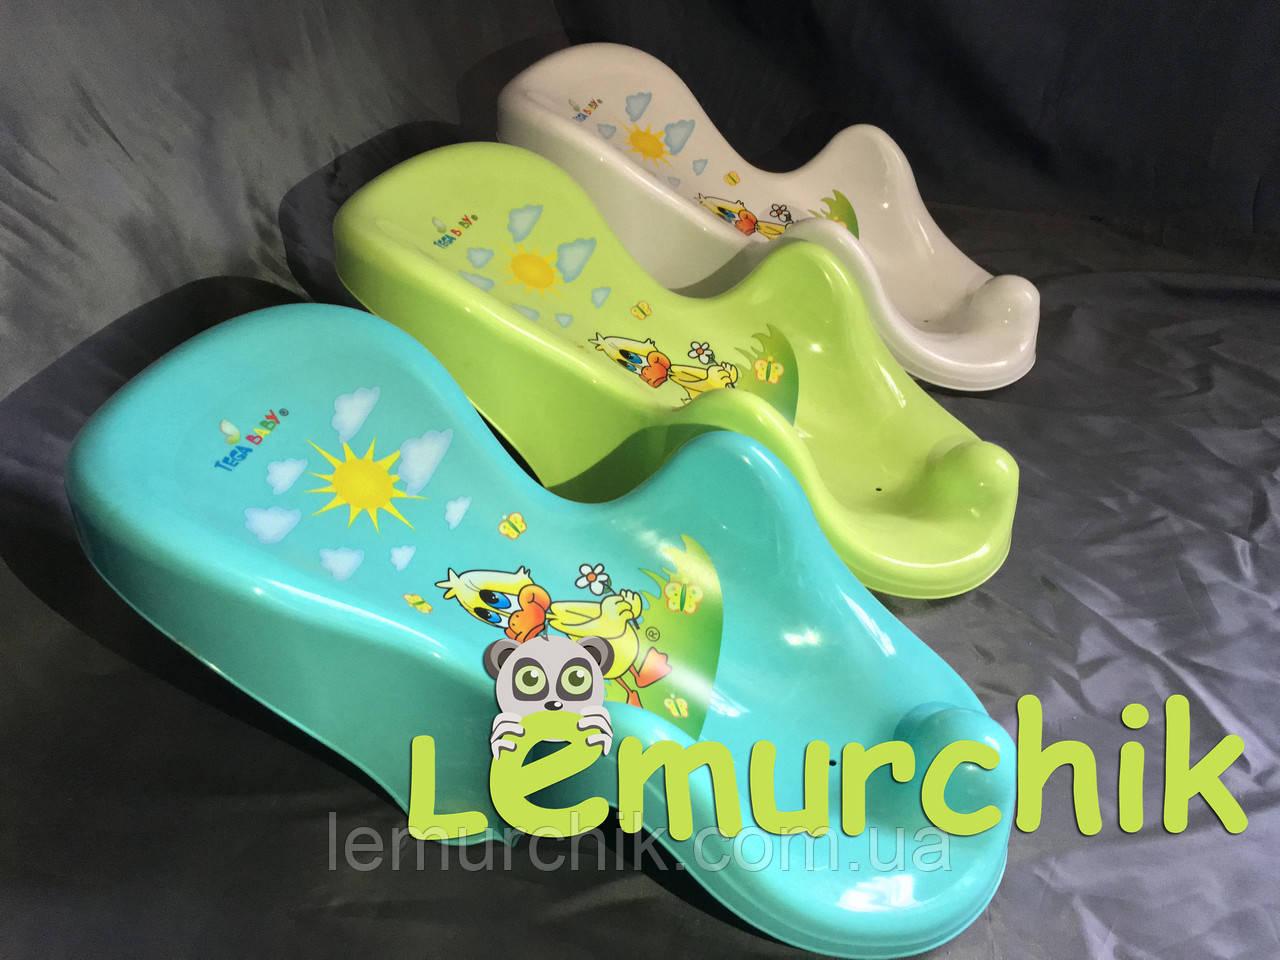 Гірка для купання дитини на присосках (Польща)